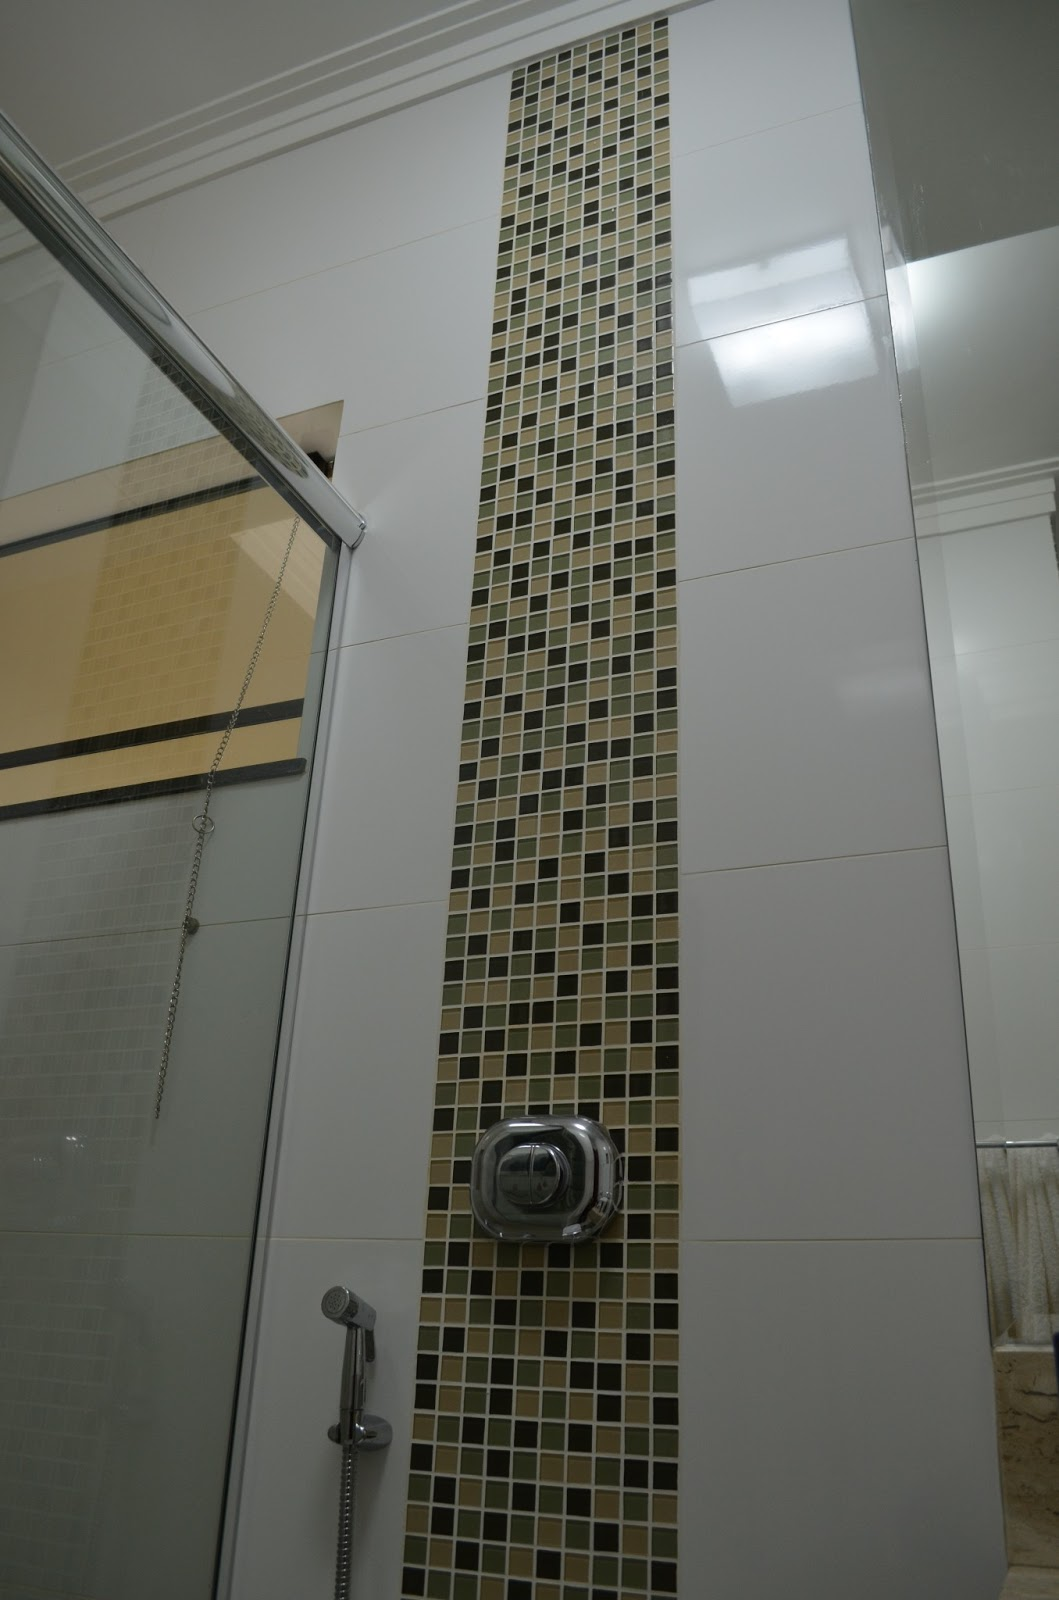 torres de pastilhas servem de destaques para a monocromia do azulejo  #59523B 1059x1600 Banheiro Azulejo Pastilha